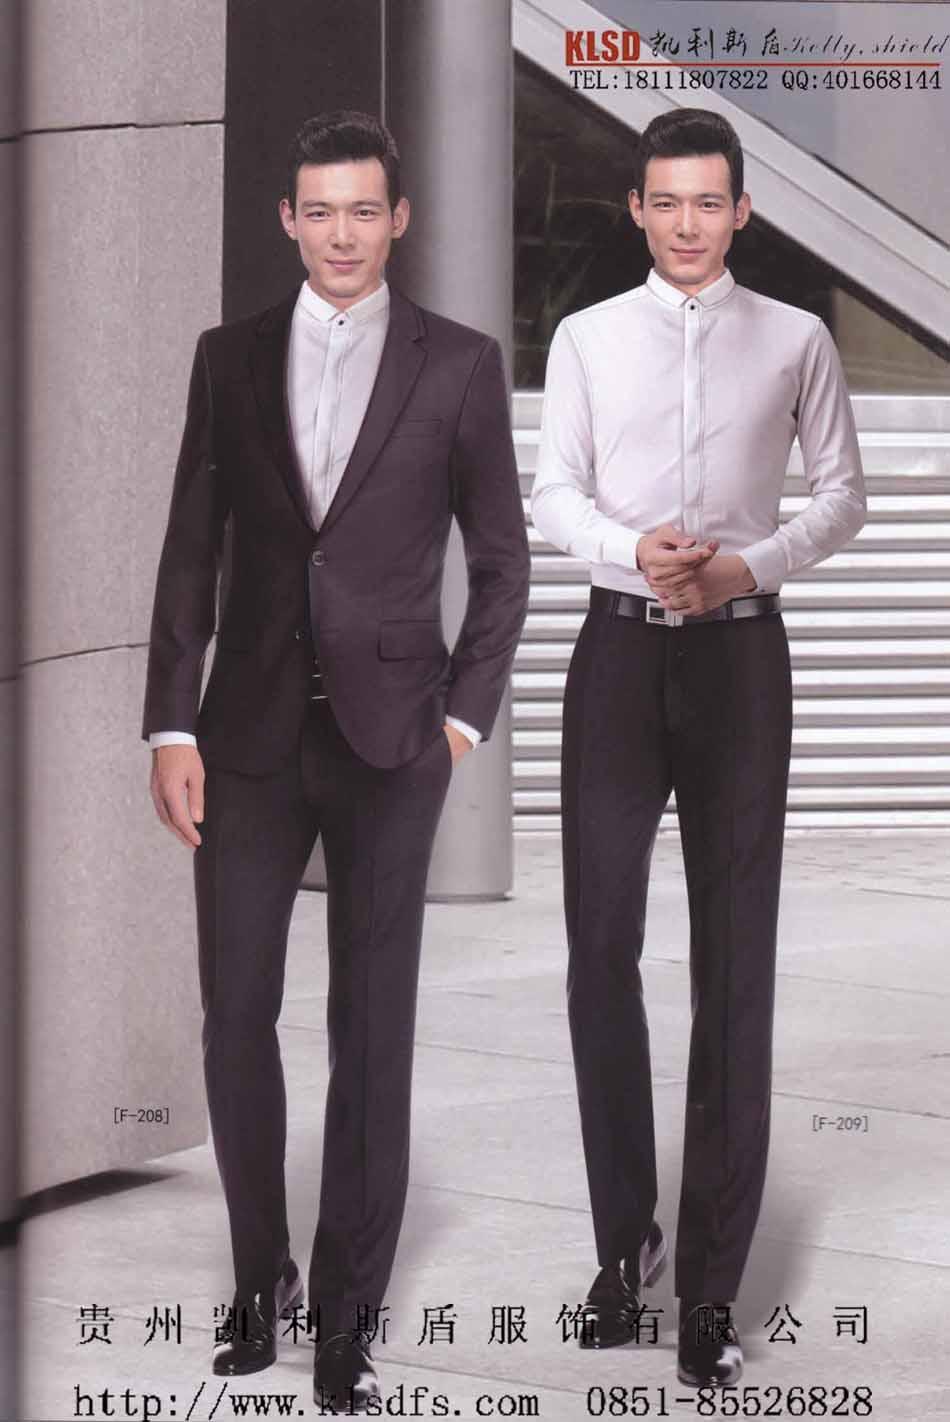 高级男装市场行情-款式新颖的高级男装出售